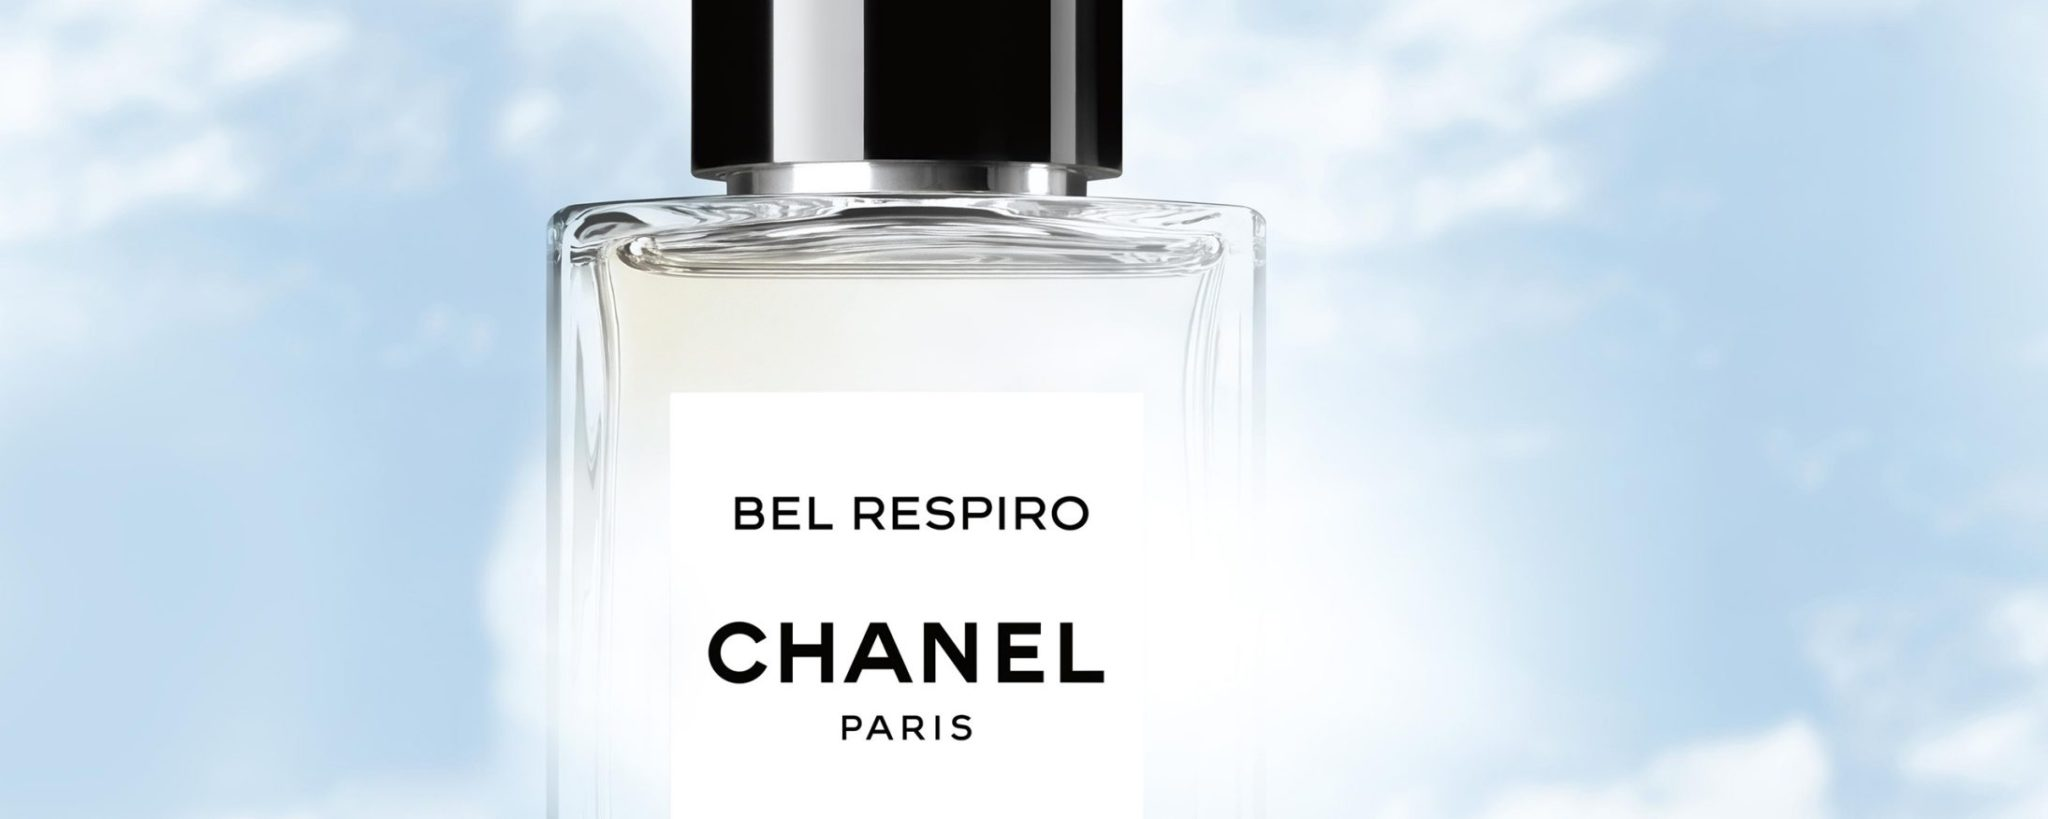 Chanel Les Exclusifs Bel Respiro eau de parfum Esprit de Gabrielle espritdegabrielle.com